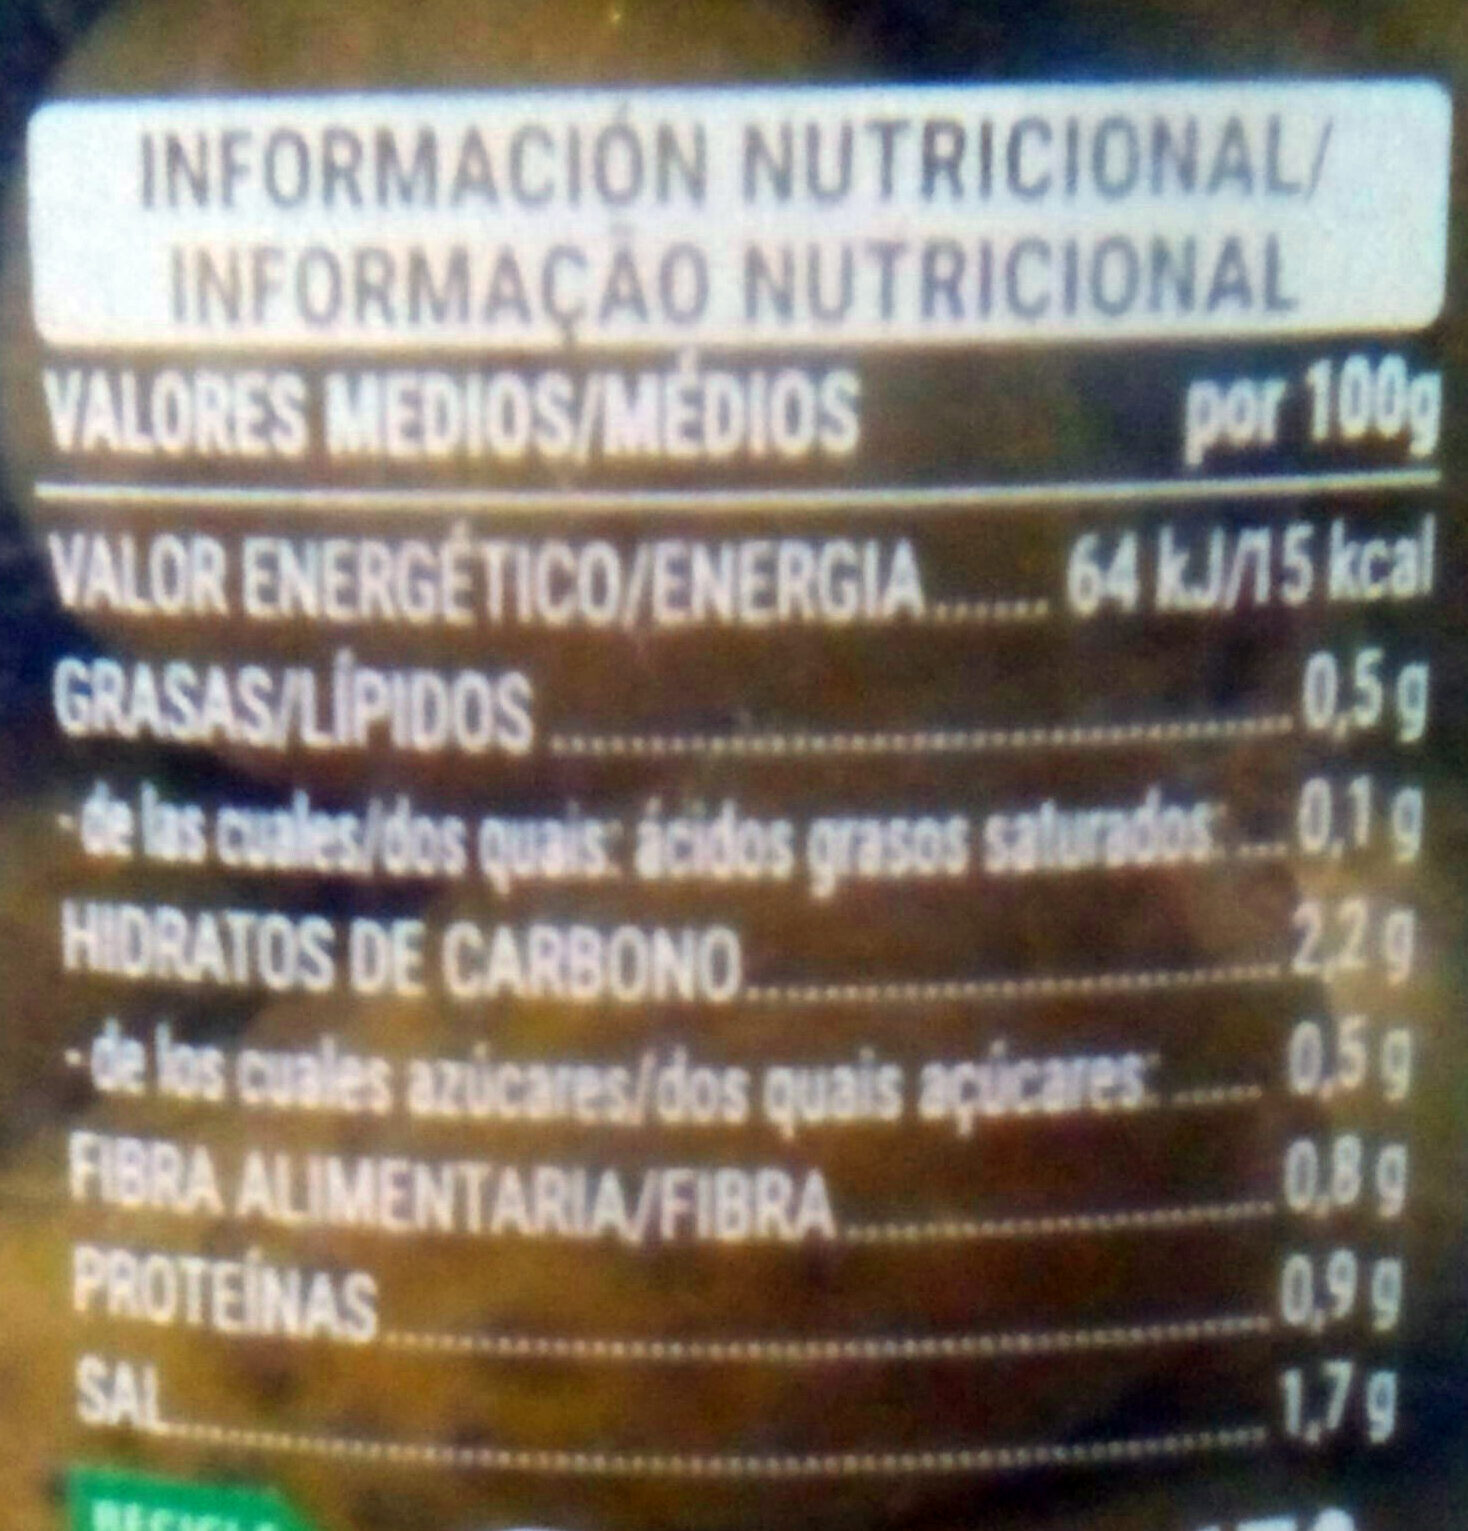 Pepinillos en vinagre - Nutrition facts - es